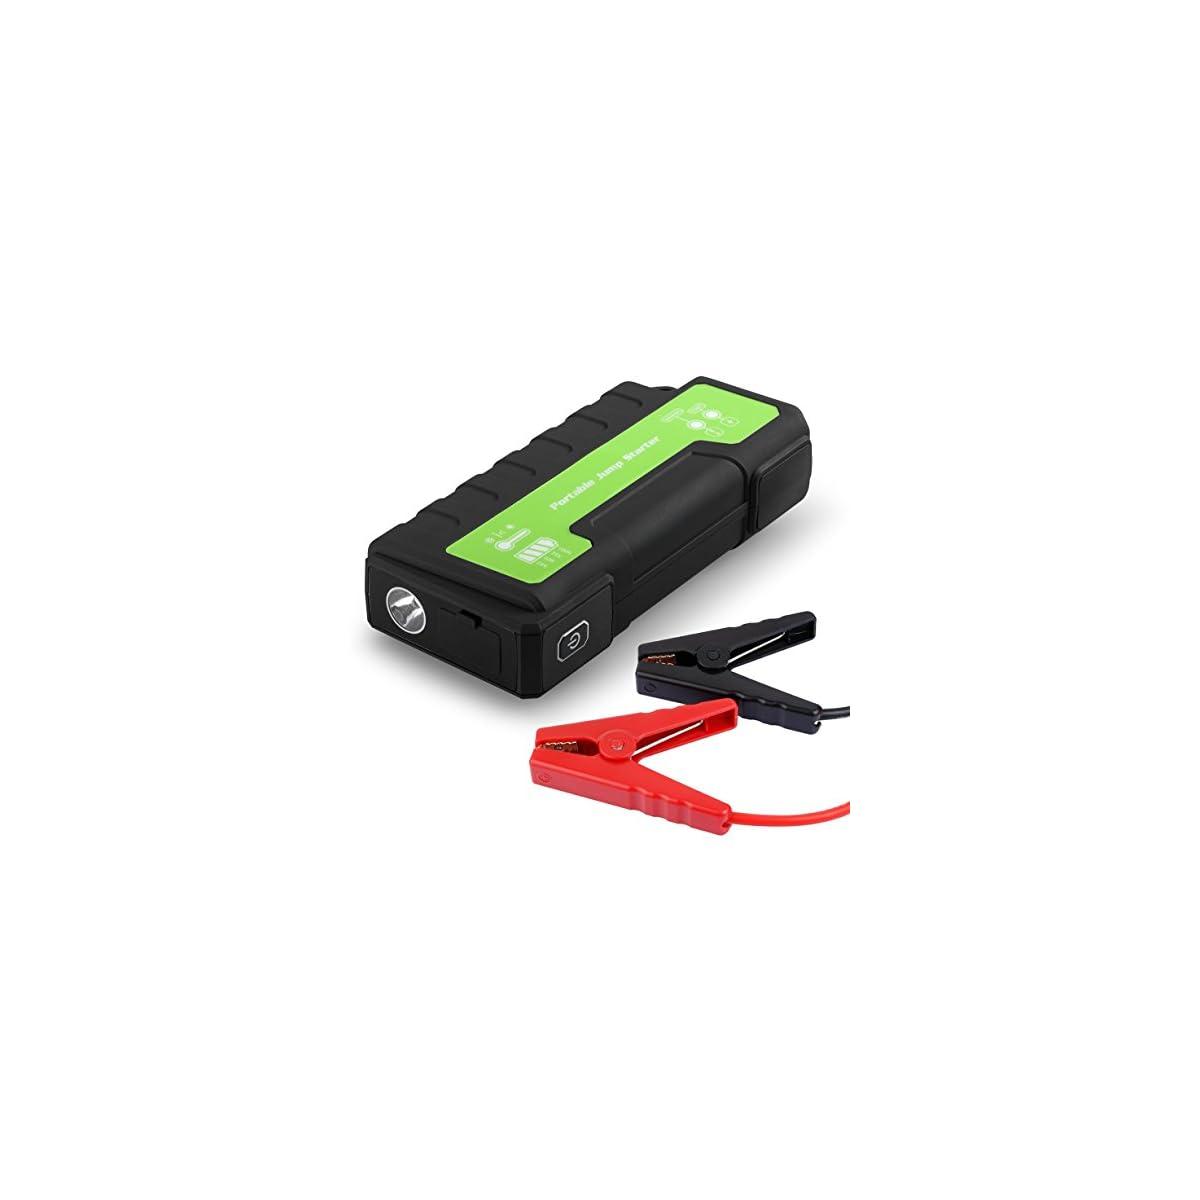 519 hmCrlcL. SS1200  - Maxesla Jump Starter de 18000mAh, 850A Batería Arrancador de Coche (Batería Externa Recargable, LED Flashlight,smartphones, tablets pc)